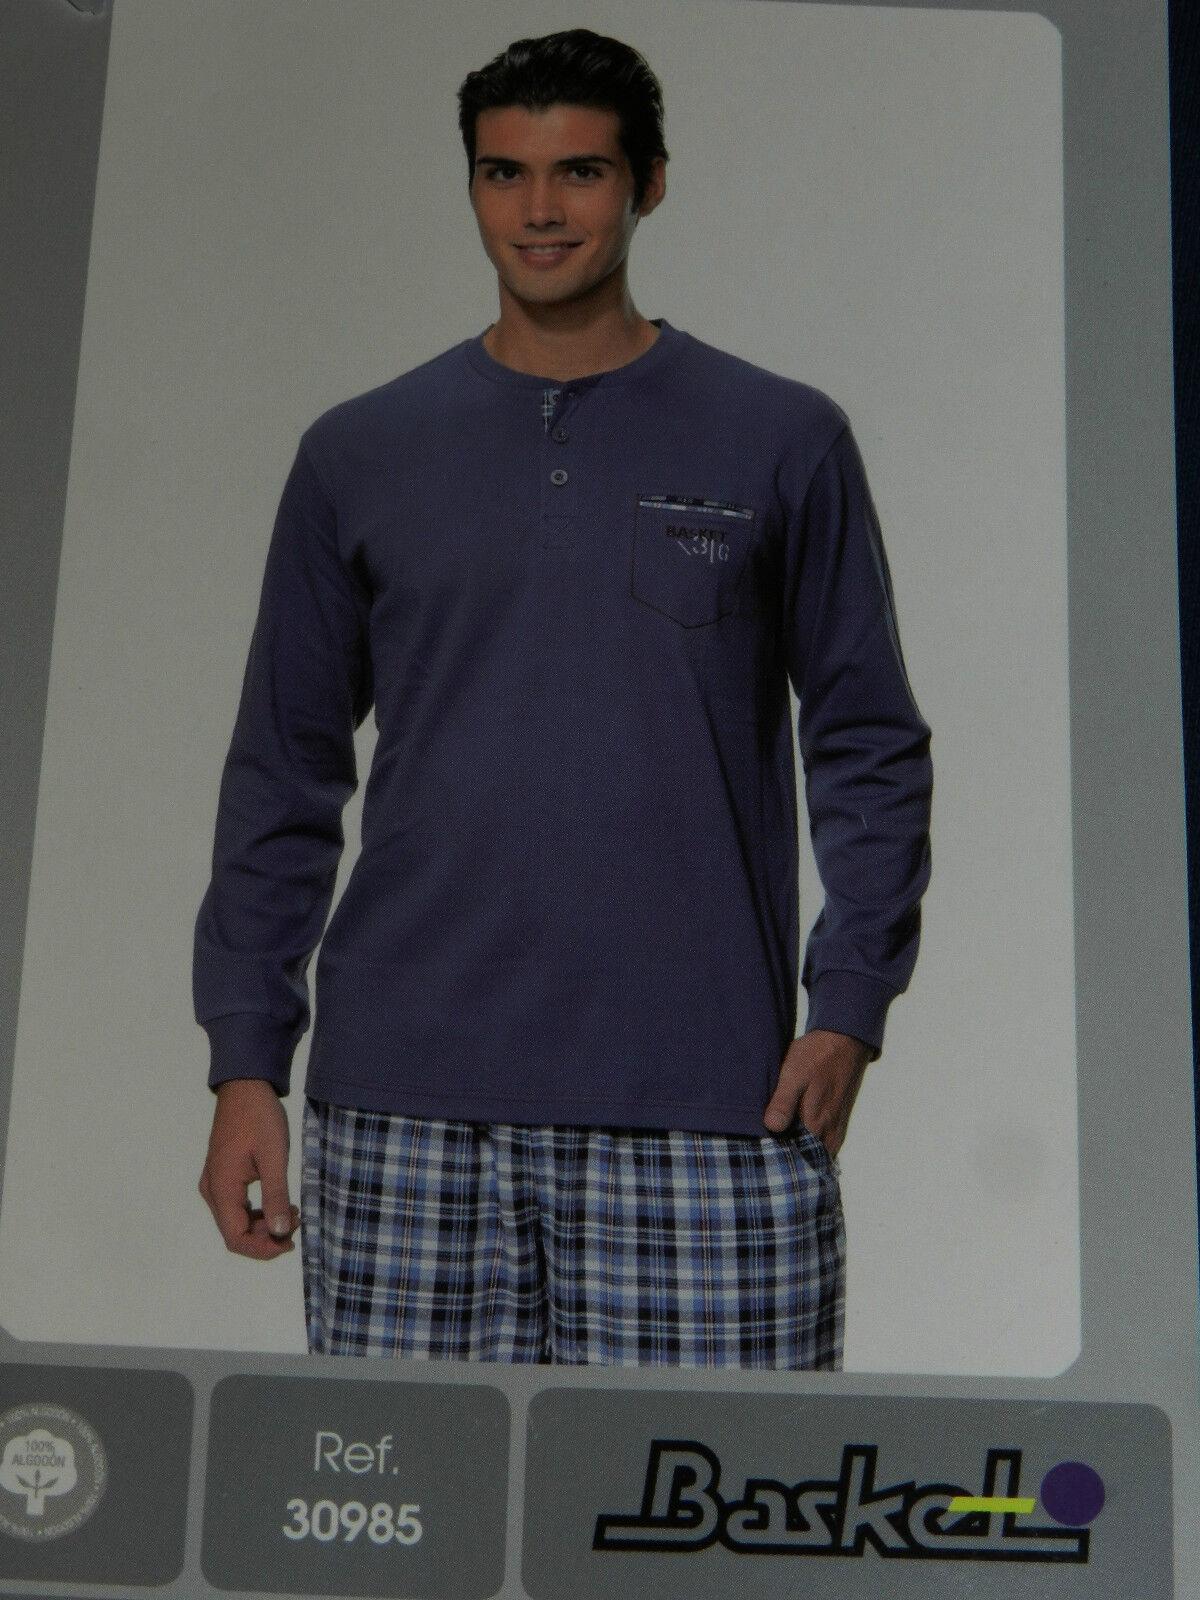 Pijama caballero Basket T.48 M 100% algodón, pantalón de tela Hecho en España